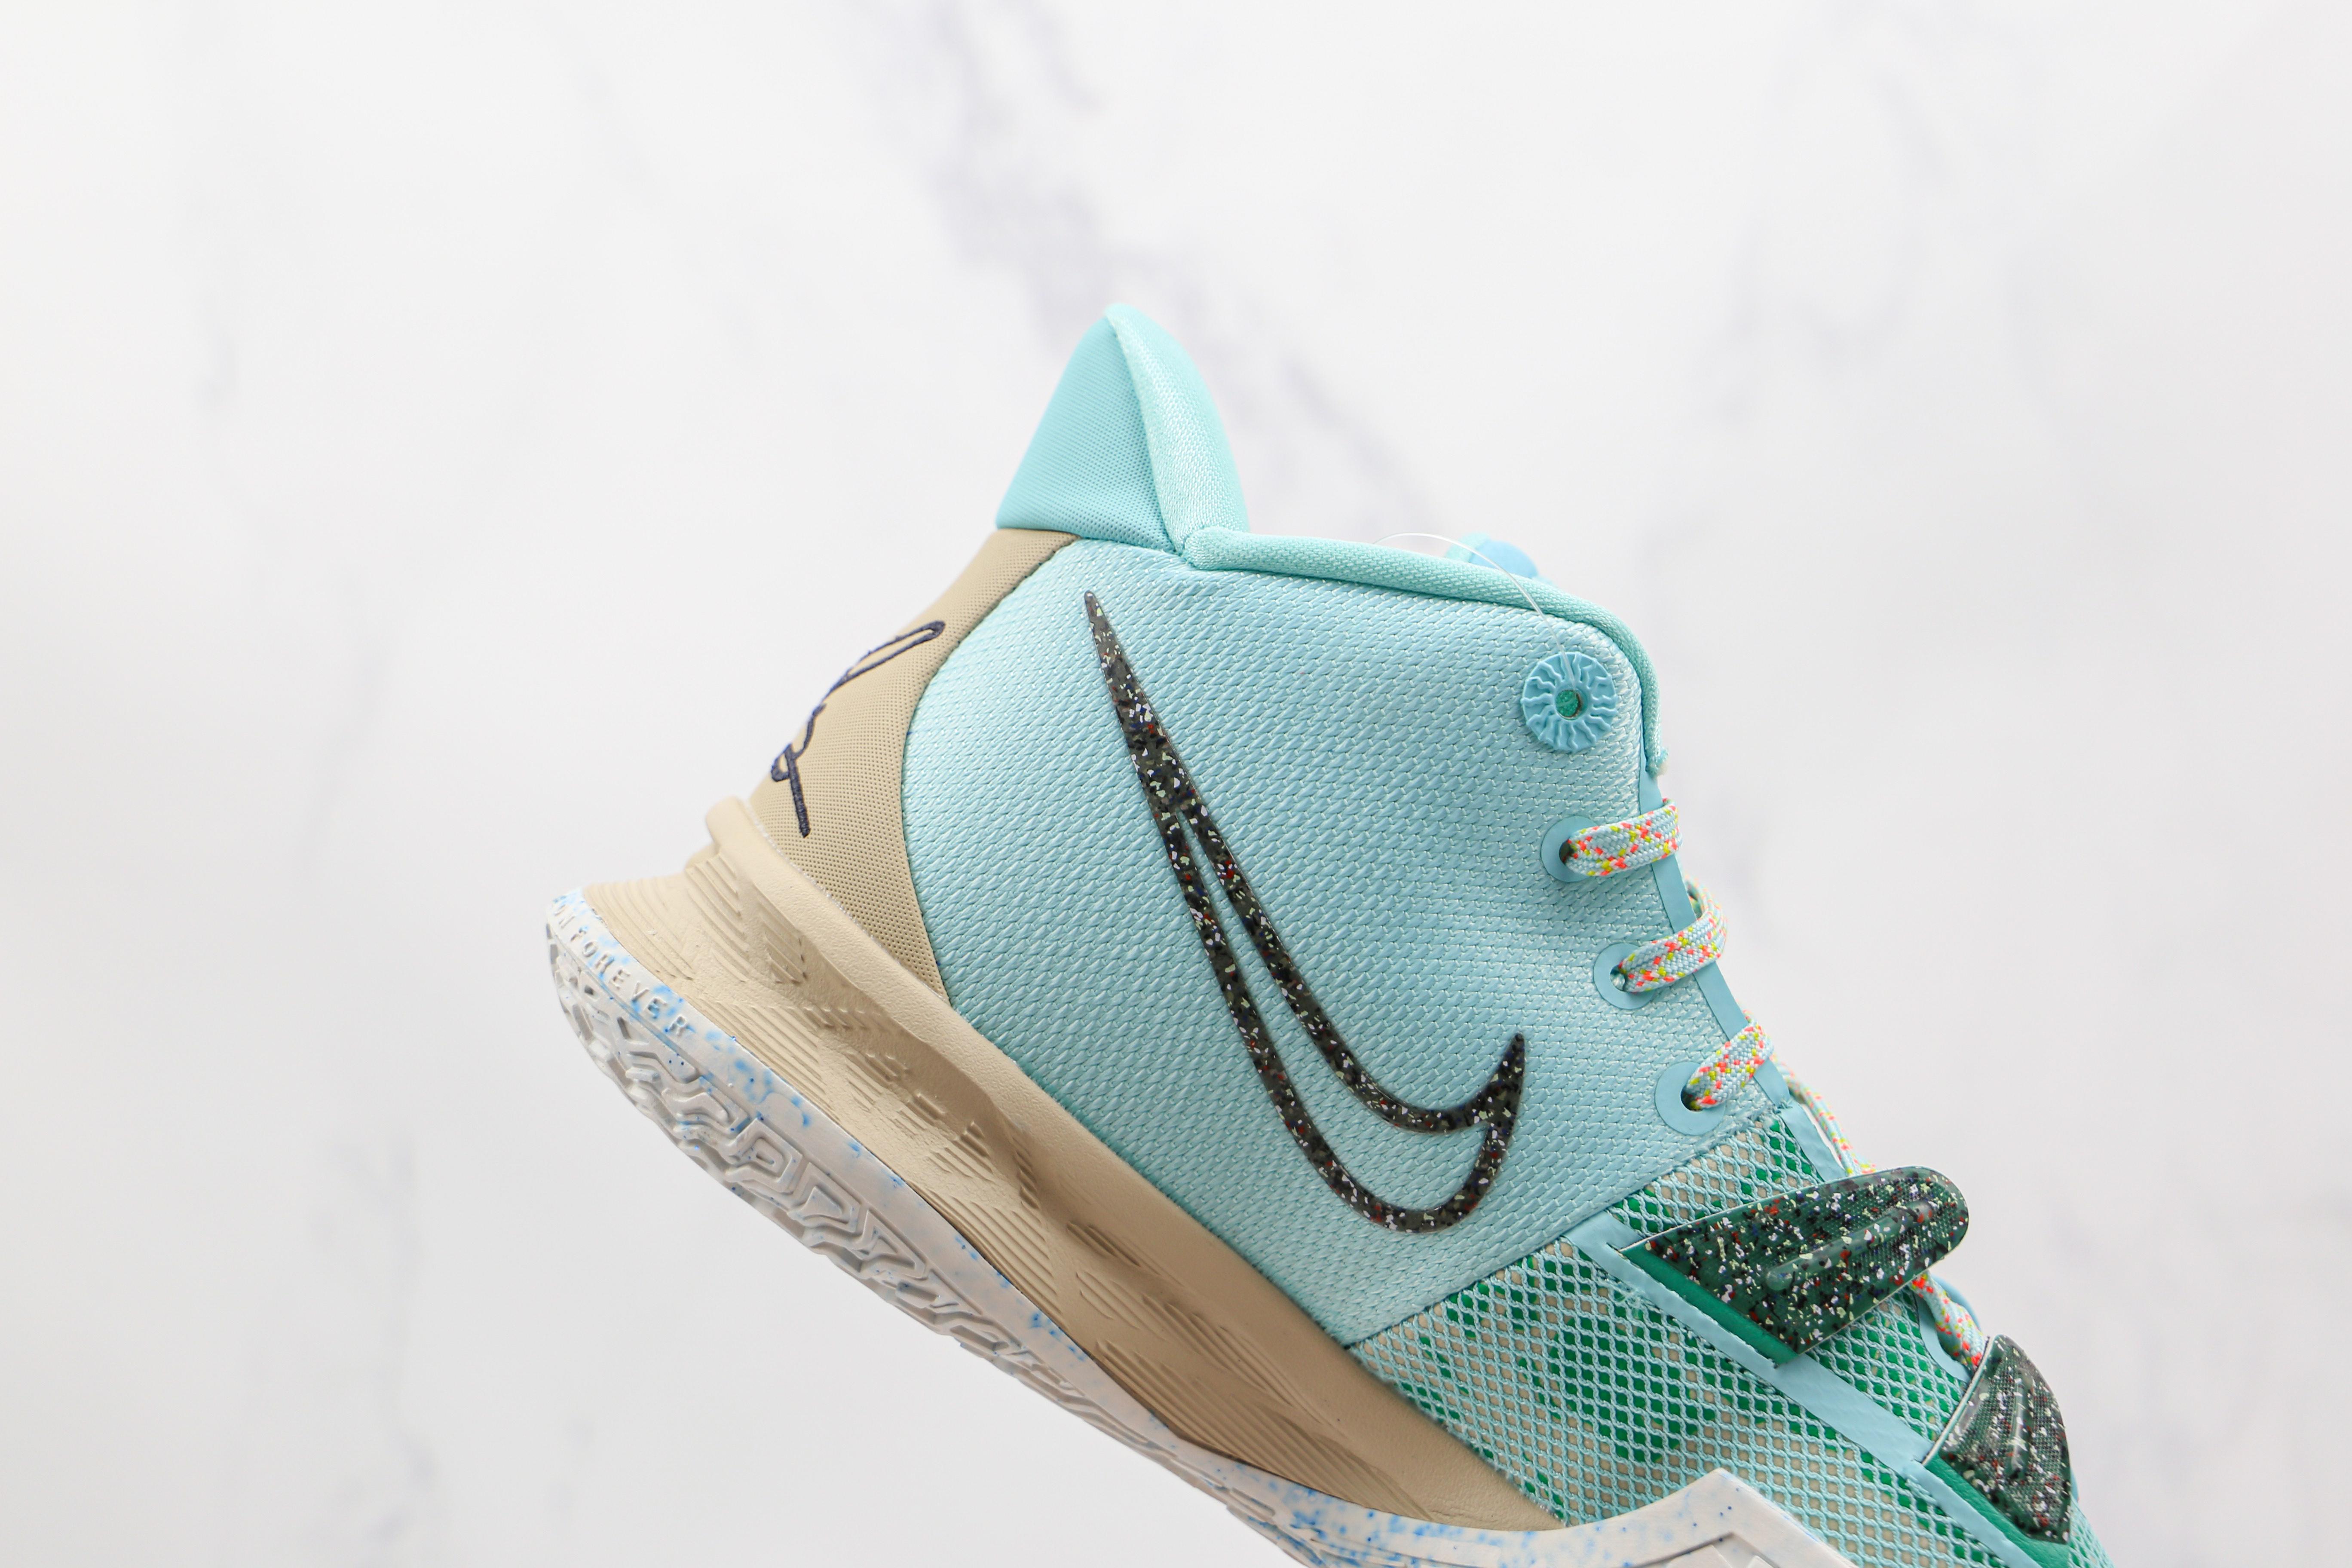 灭世纯原 Nike 欧文7 蓝色 货号:CQ9327 402 Kyrie 7  Ep   原盒原装级别 首发版本‼️ 全鞋身原档案刺绣细节精准还原   M23-11